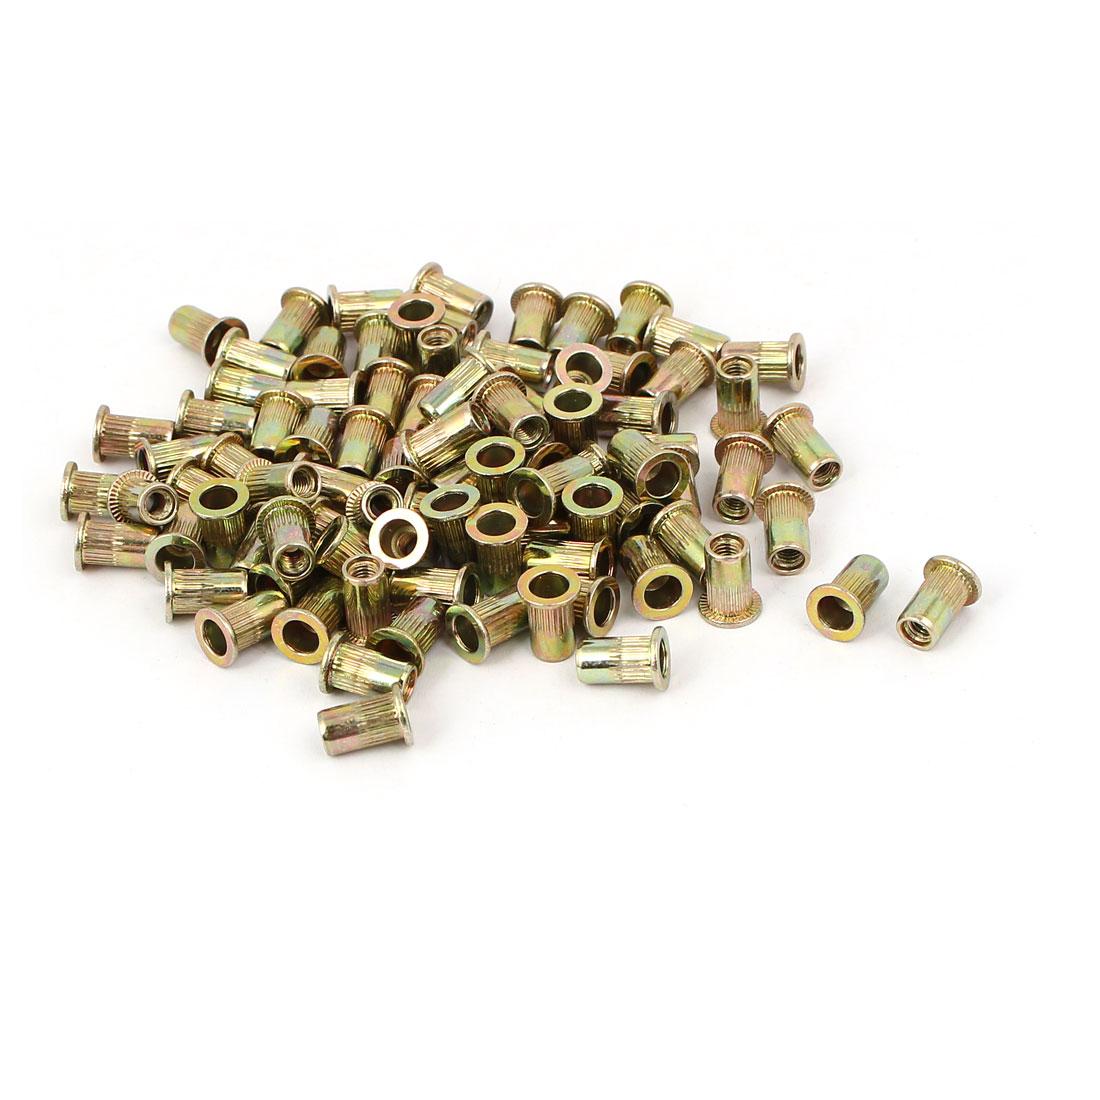 M3 x 9mm Yellow Zinc Plated Flat Head Rivet Nut Insert Nutsert 100PCS